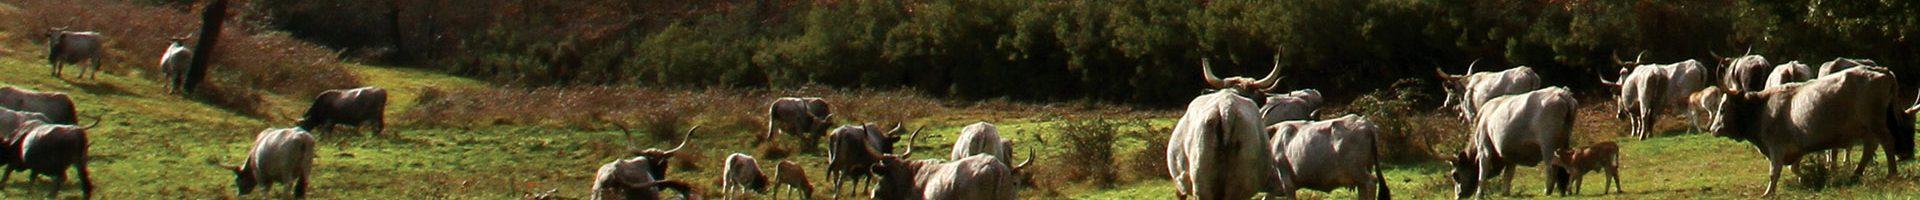 vacche_tenuta_di_paganico_paesaggio_macchia2_sito